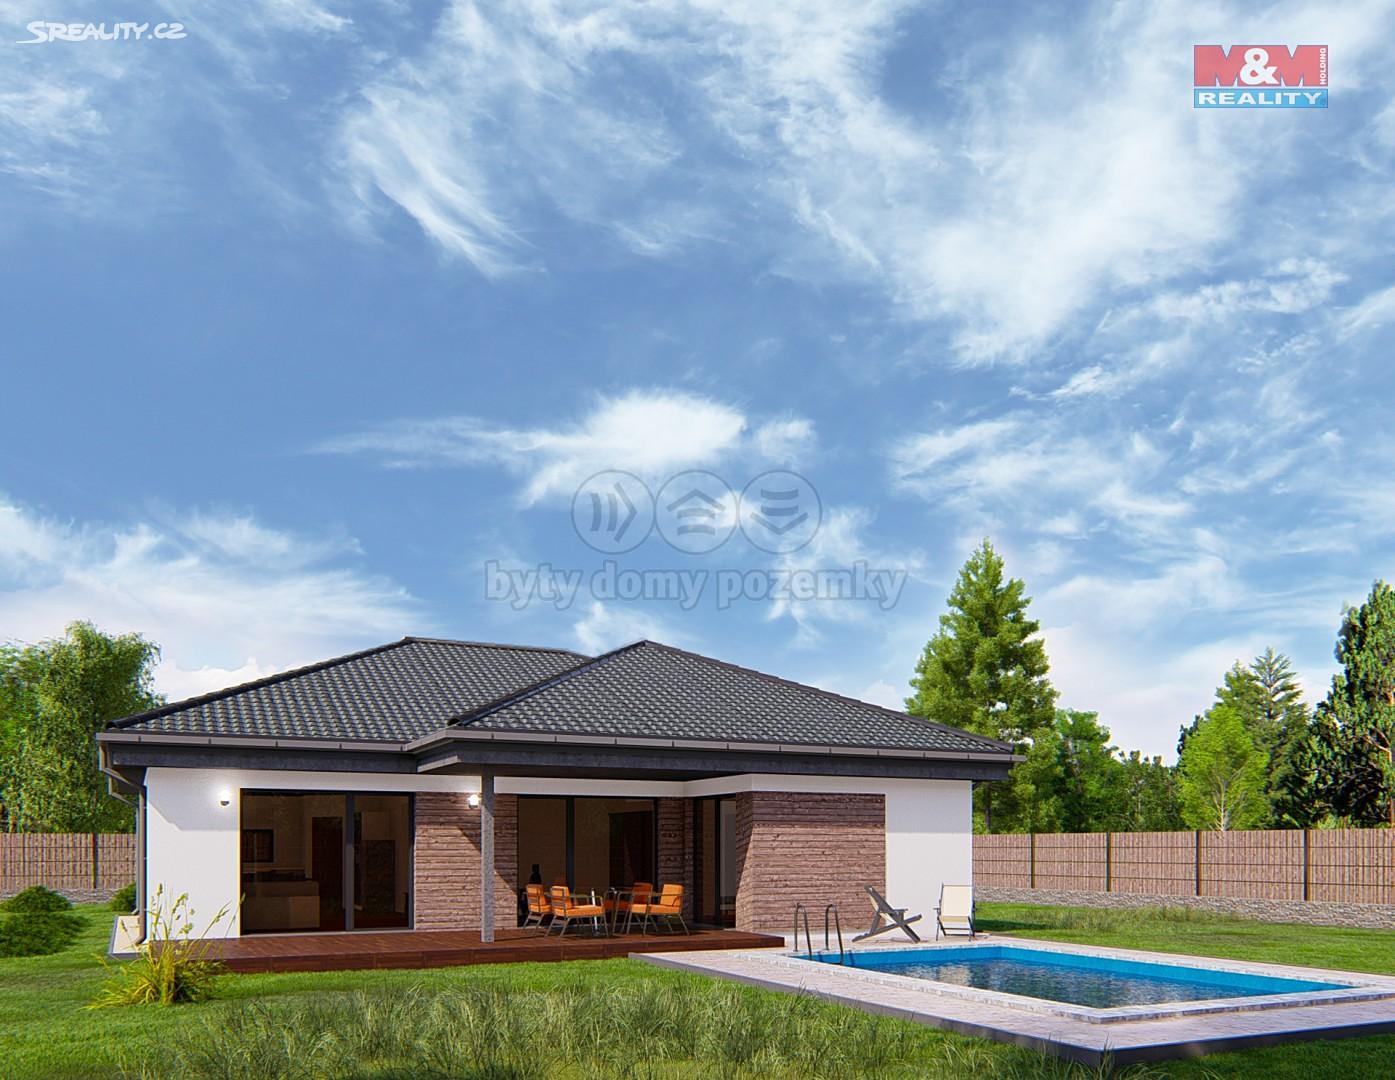 Prodej  rodinného domu 114m², pozemek 911m², Uhlířské Janovice, okres Kutná Hora